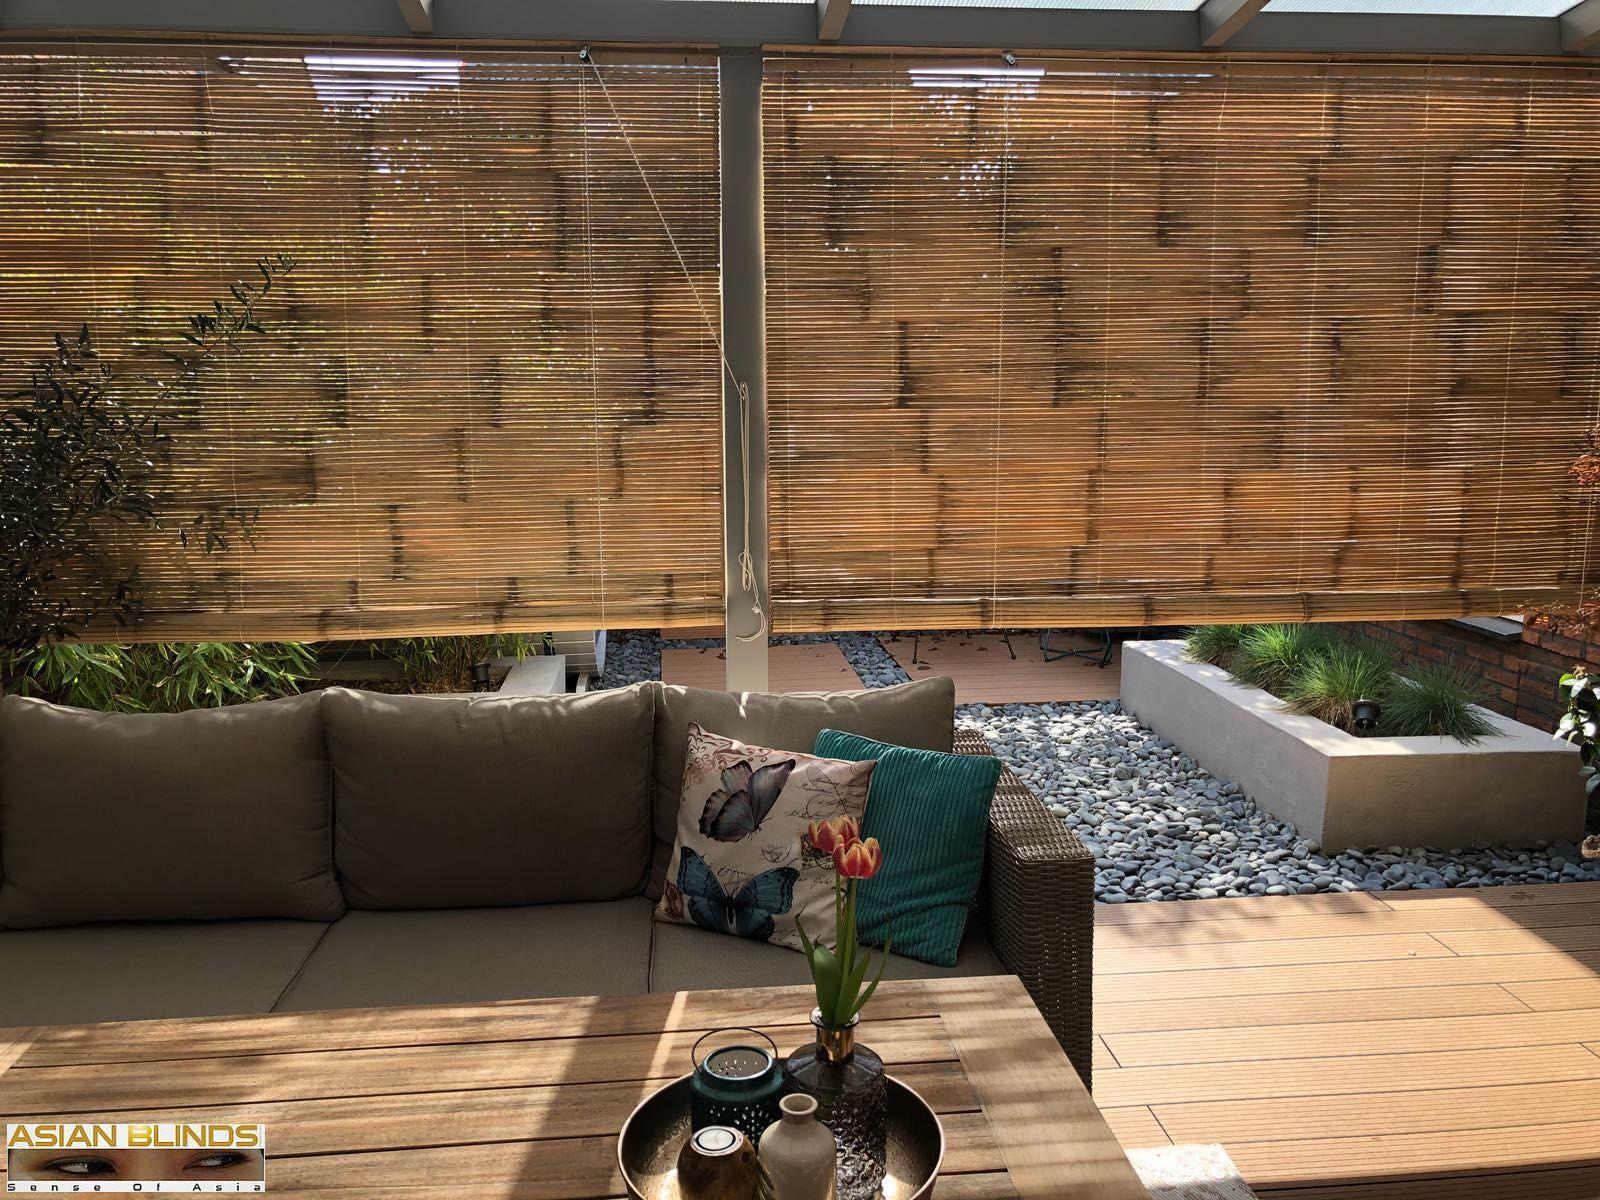 Rolgordijnen Slaapkamer 76 : Bamboebeddeb en meubels voor slaapkamer woonkamer serre en tuin